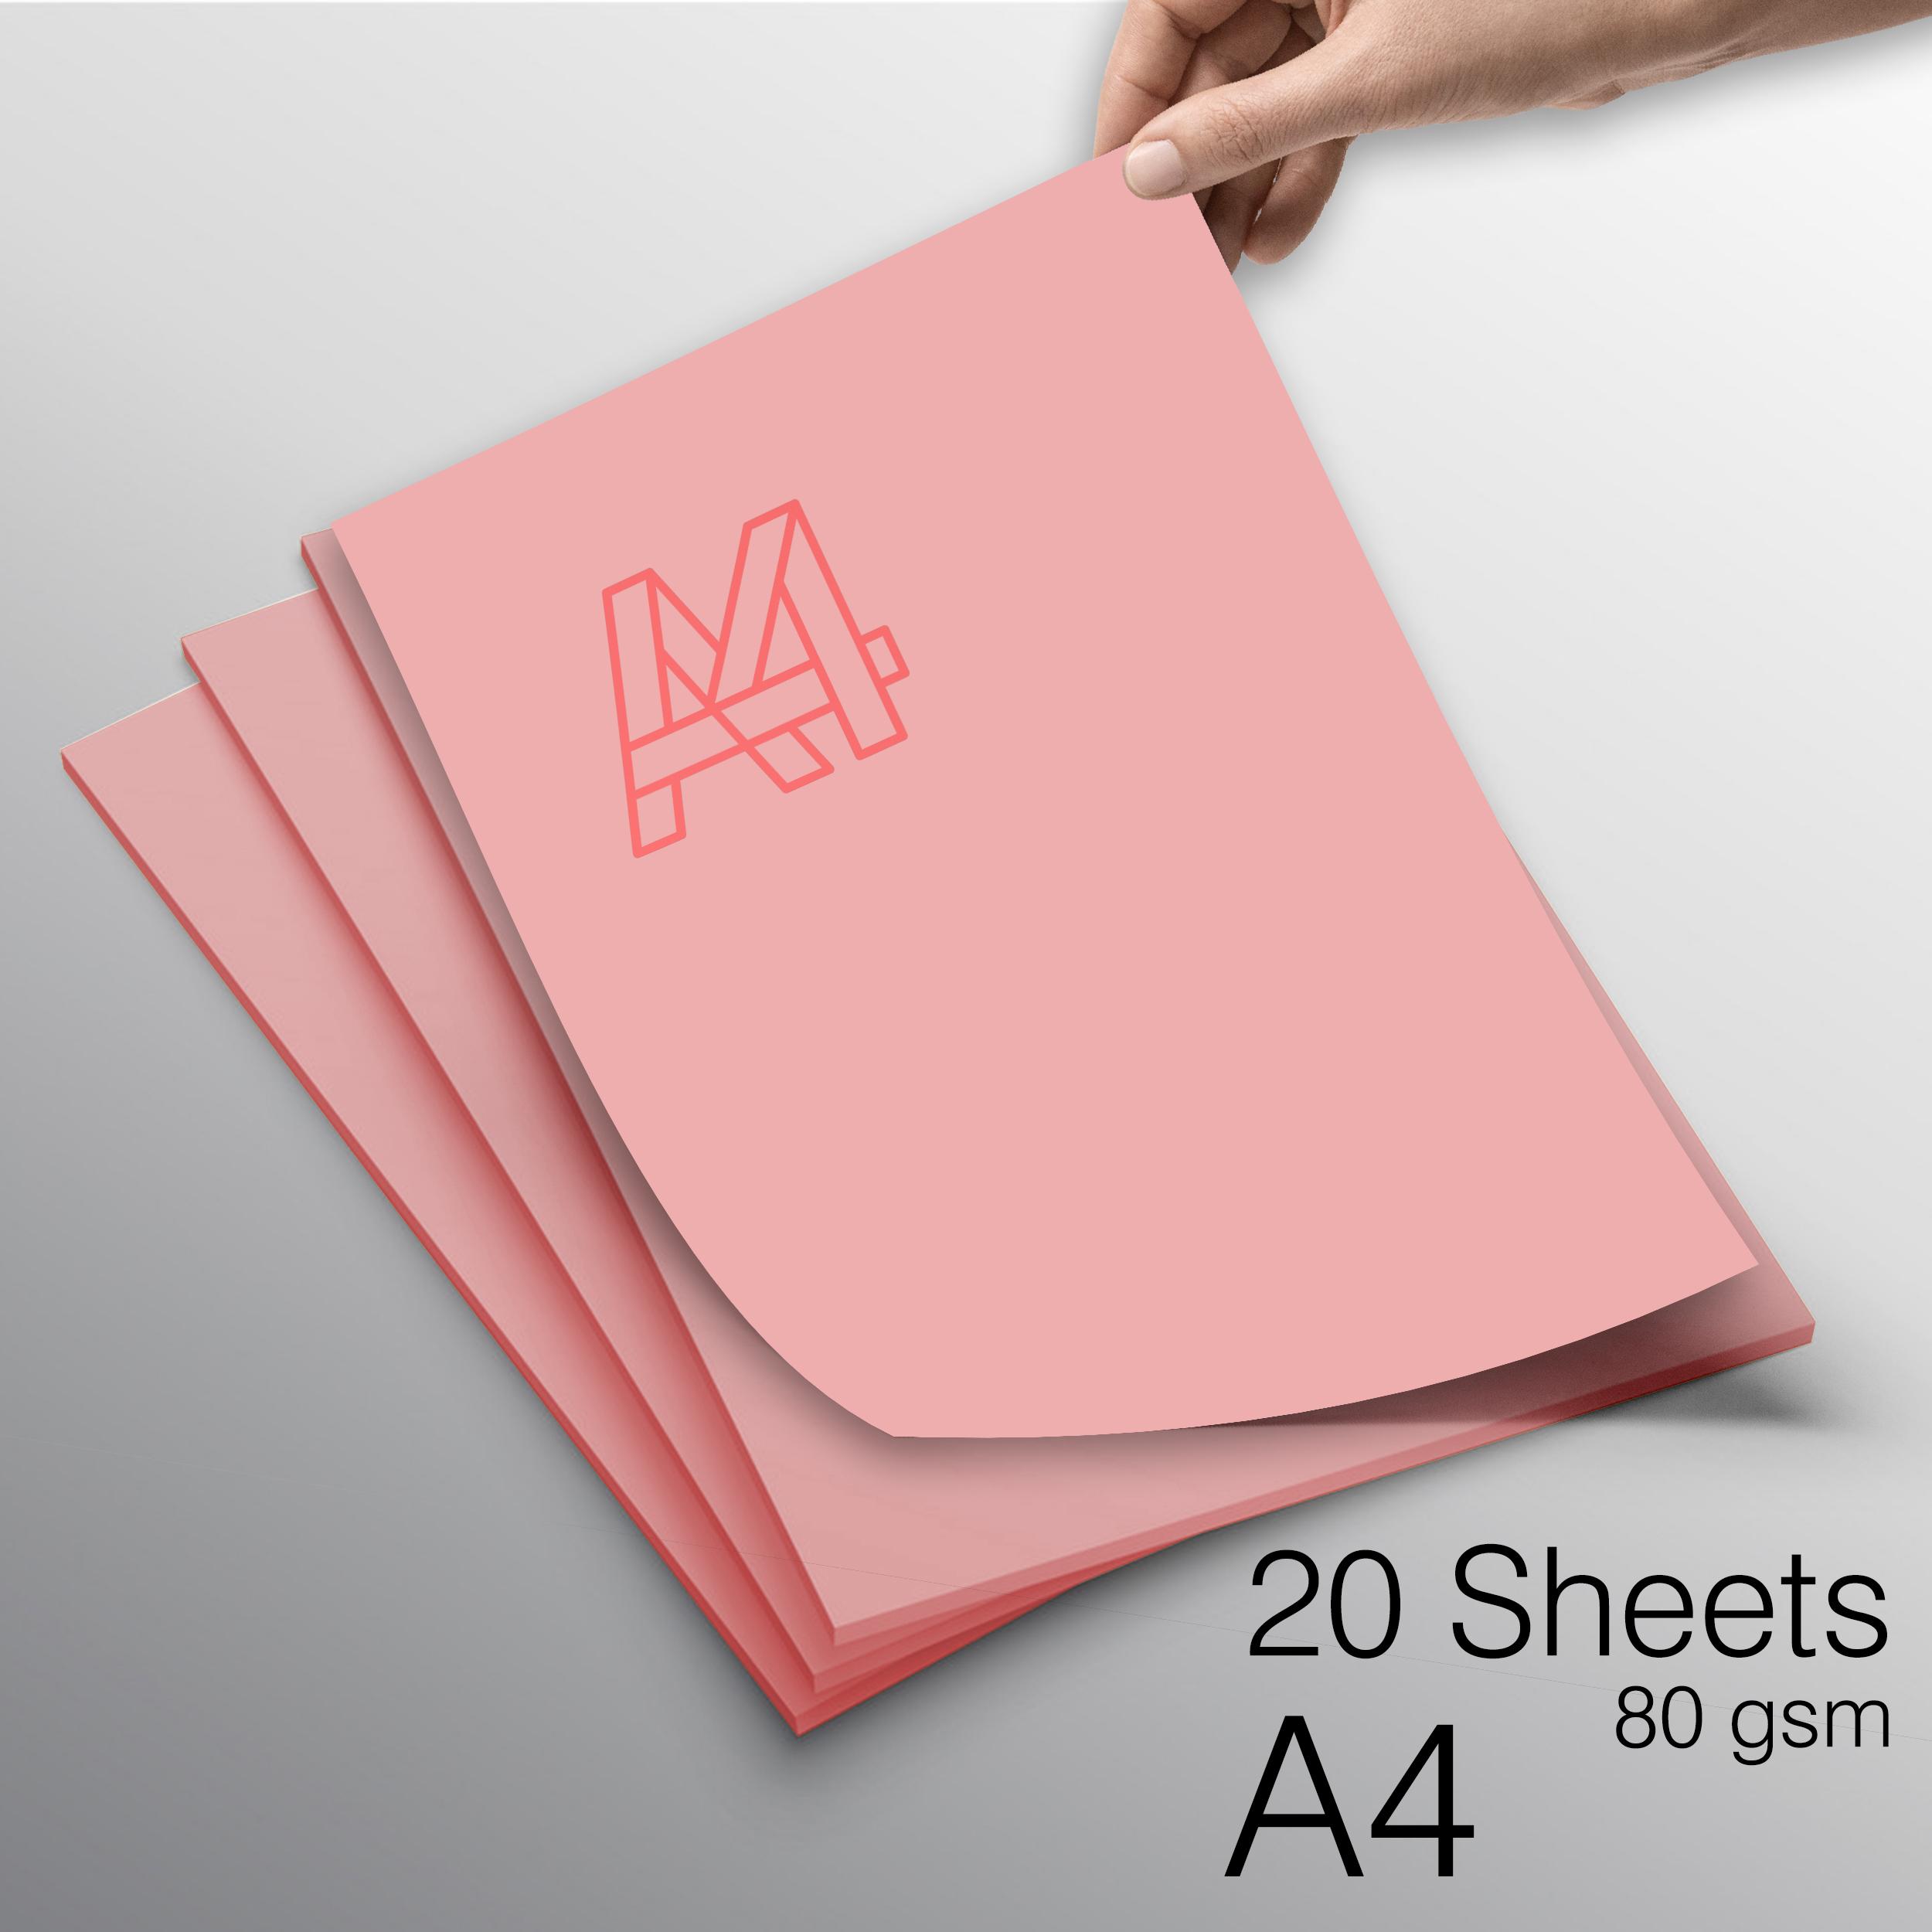 کاغذ رنگی A4  FG کد Pi-20 بسته 20 عددی